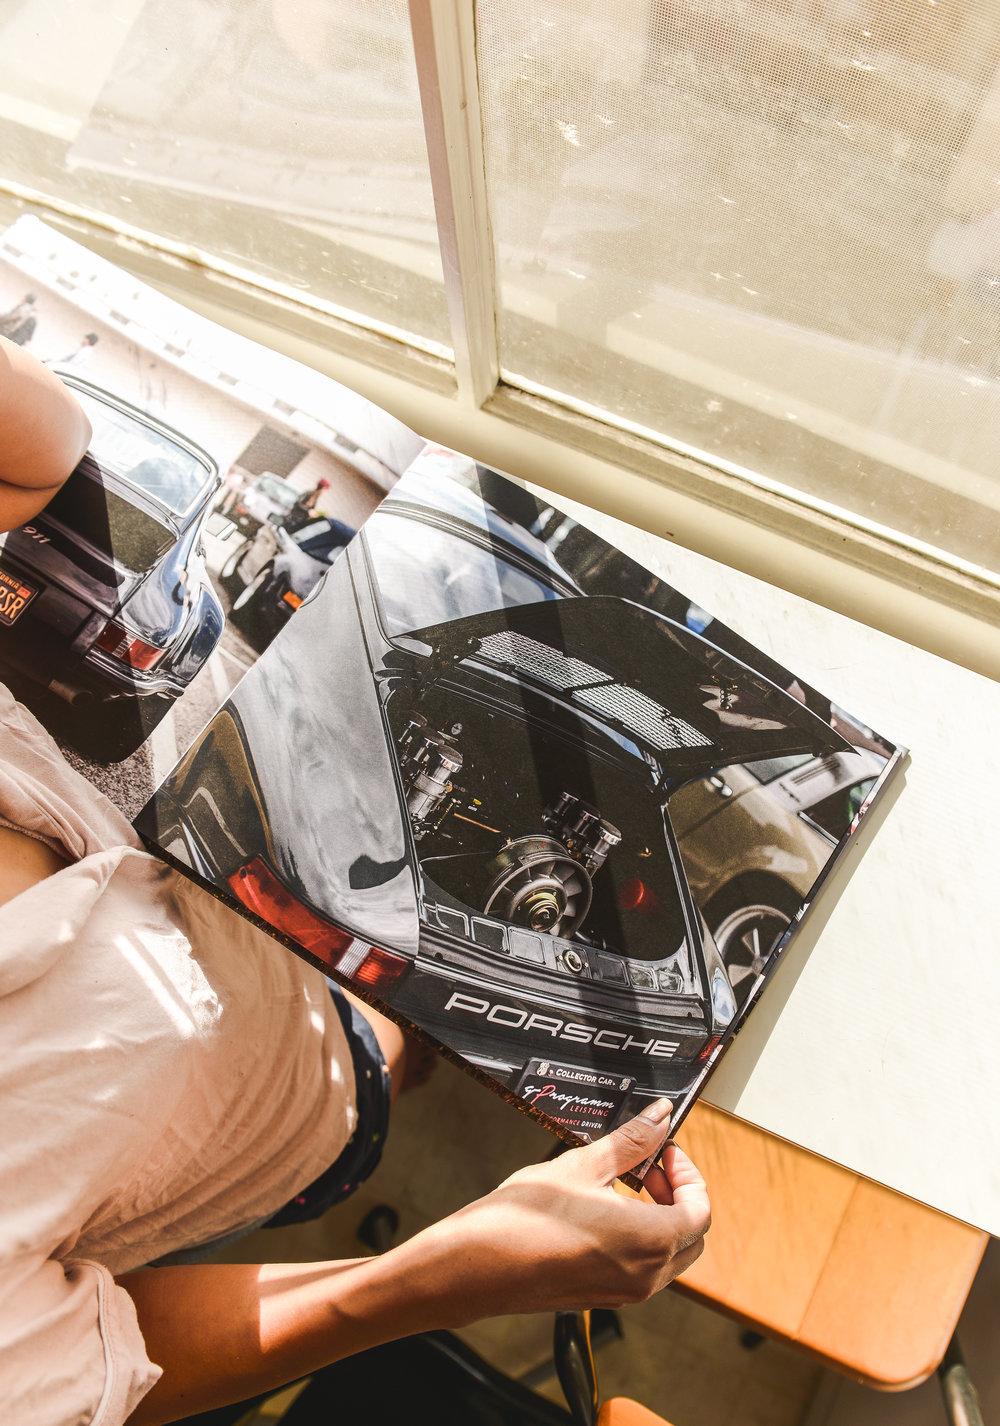 Porsche-Blurb-By-Lisa-Linh